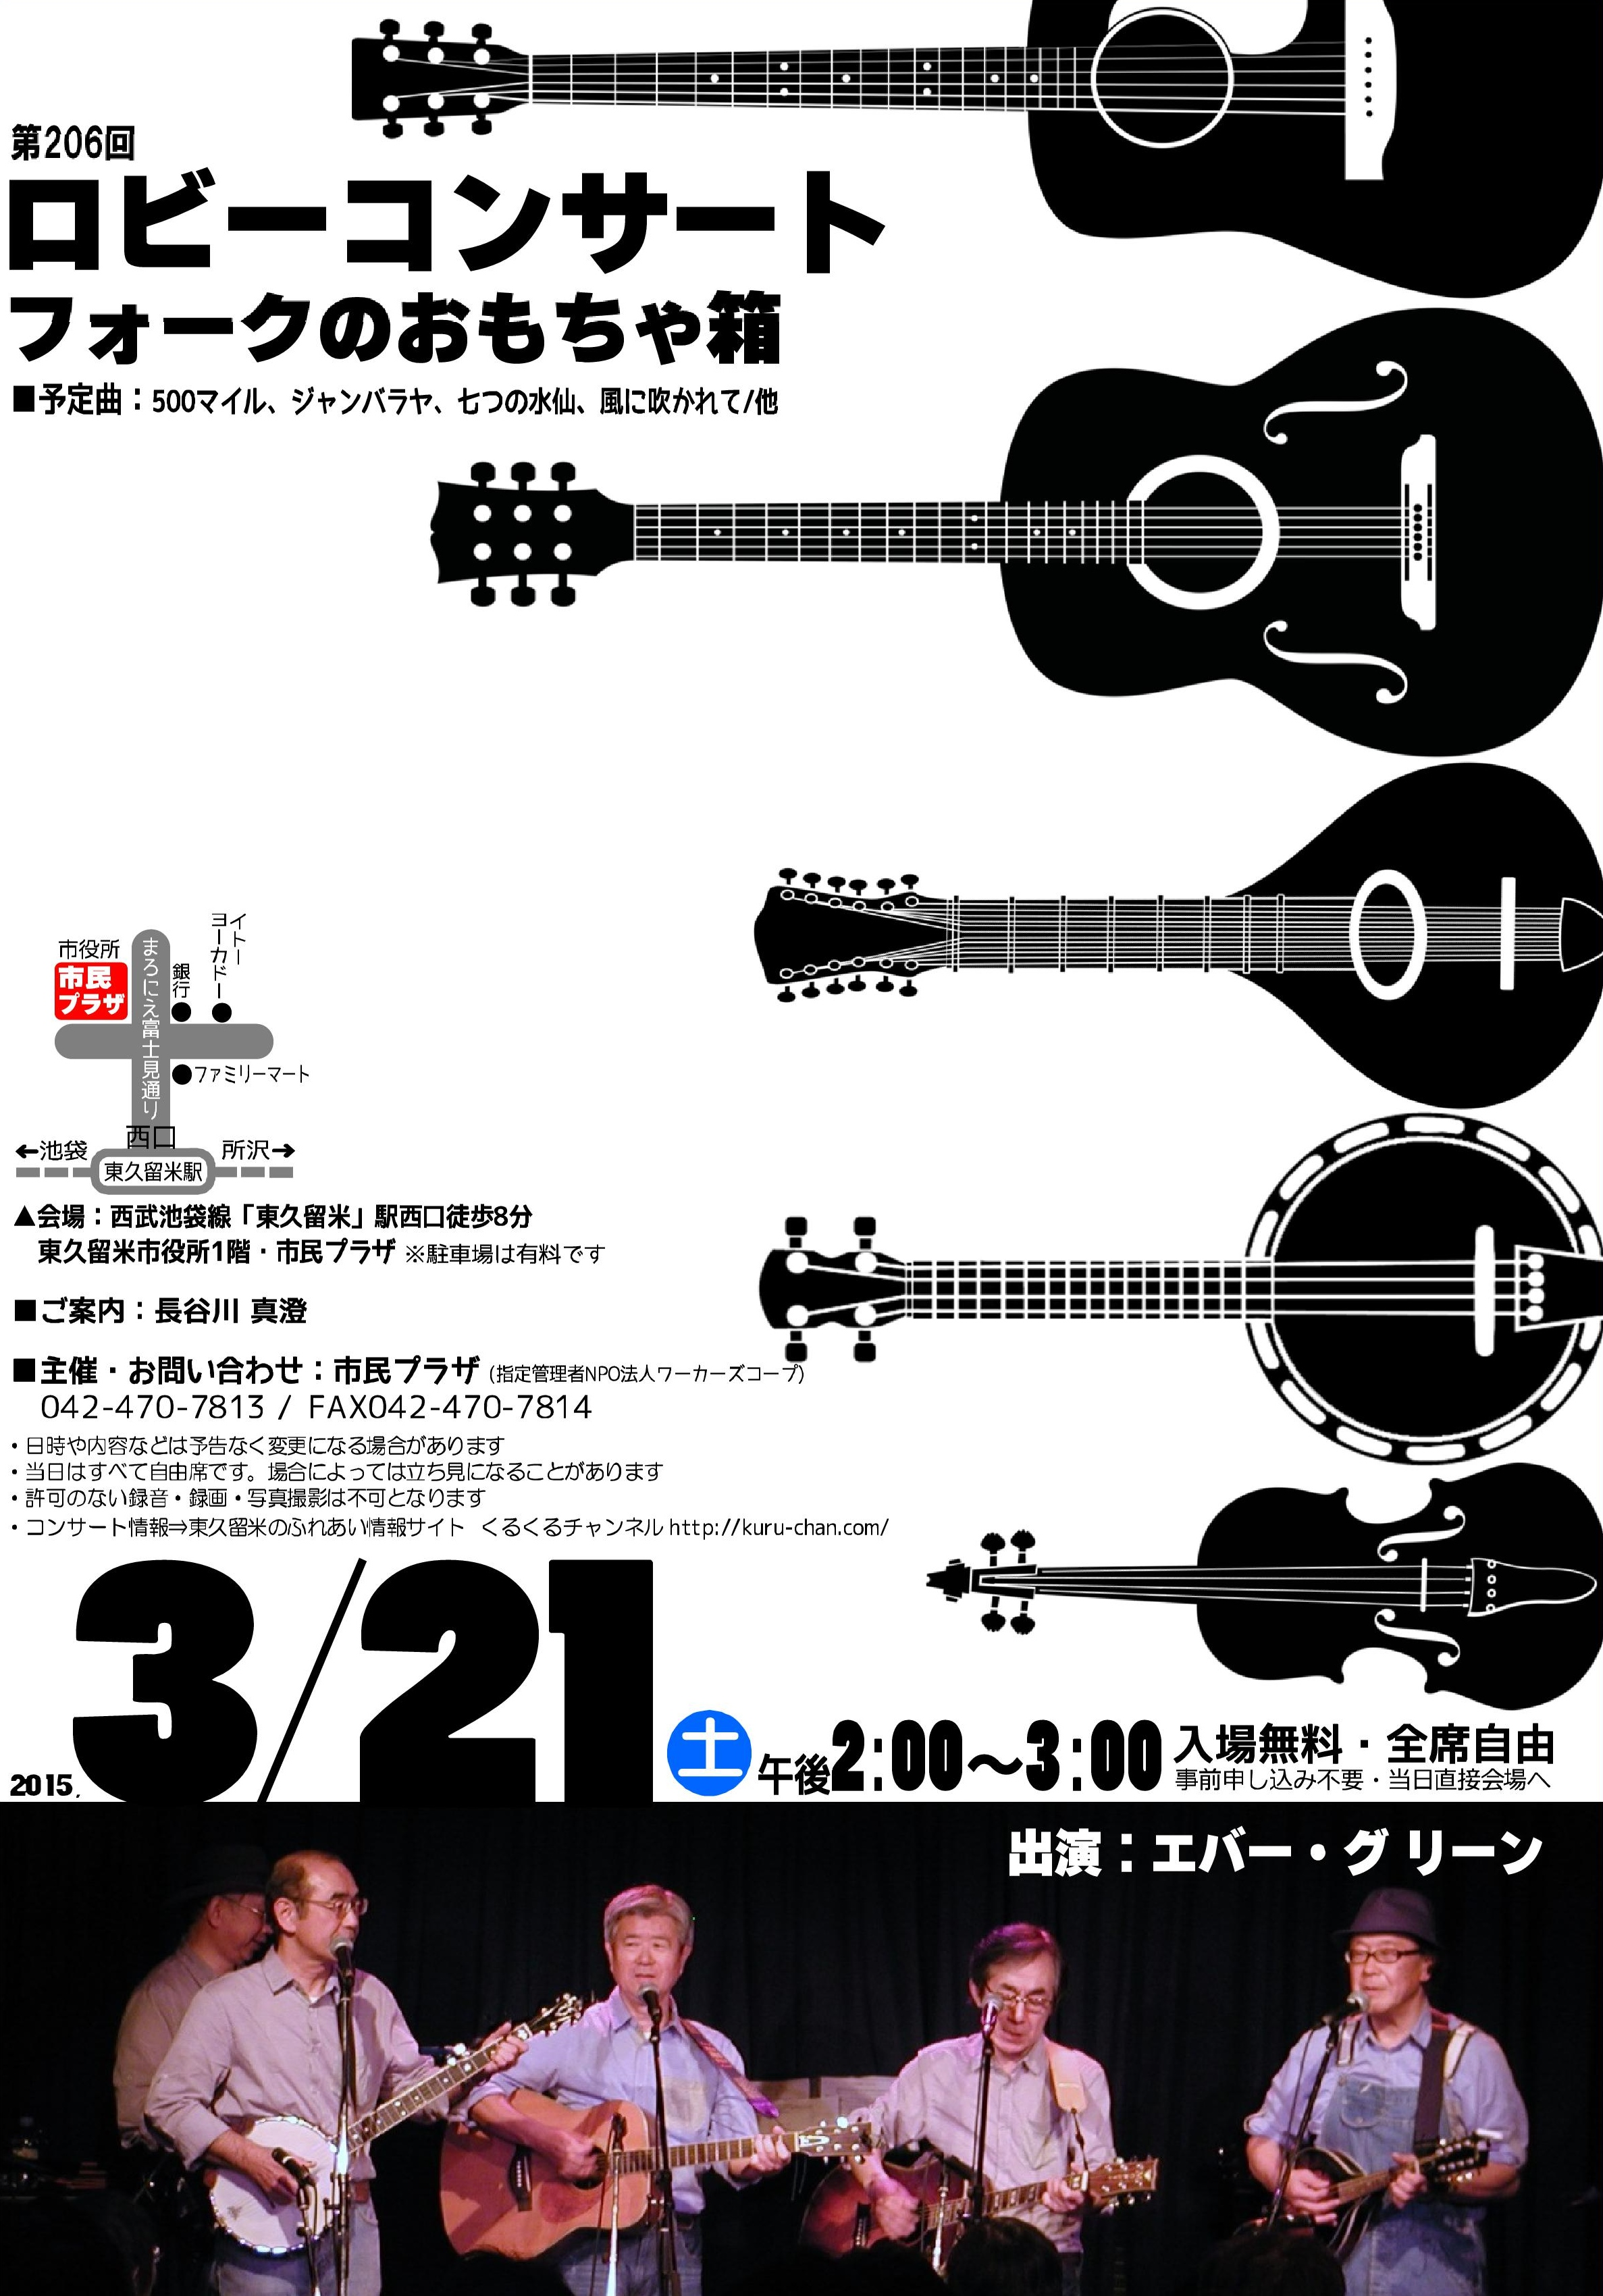 第206回ロビーコンサート